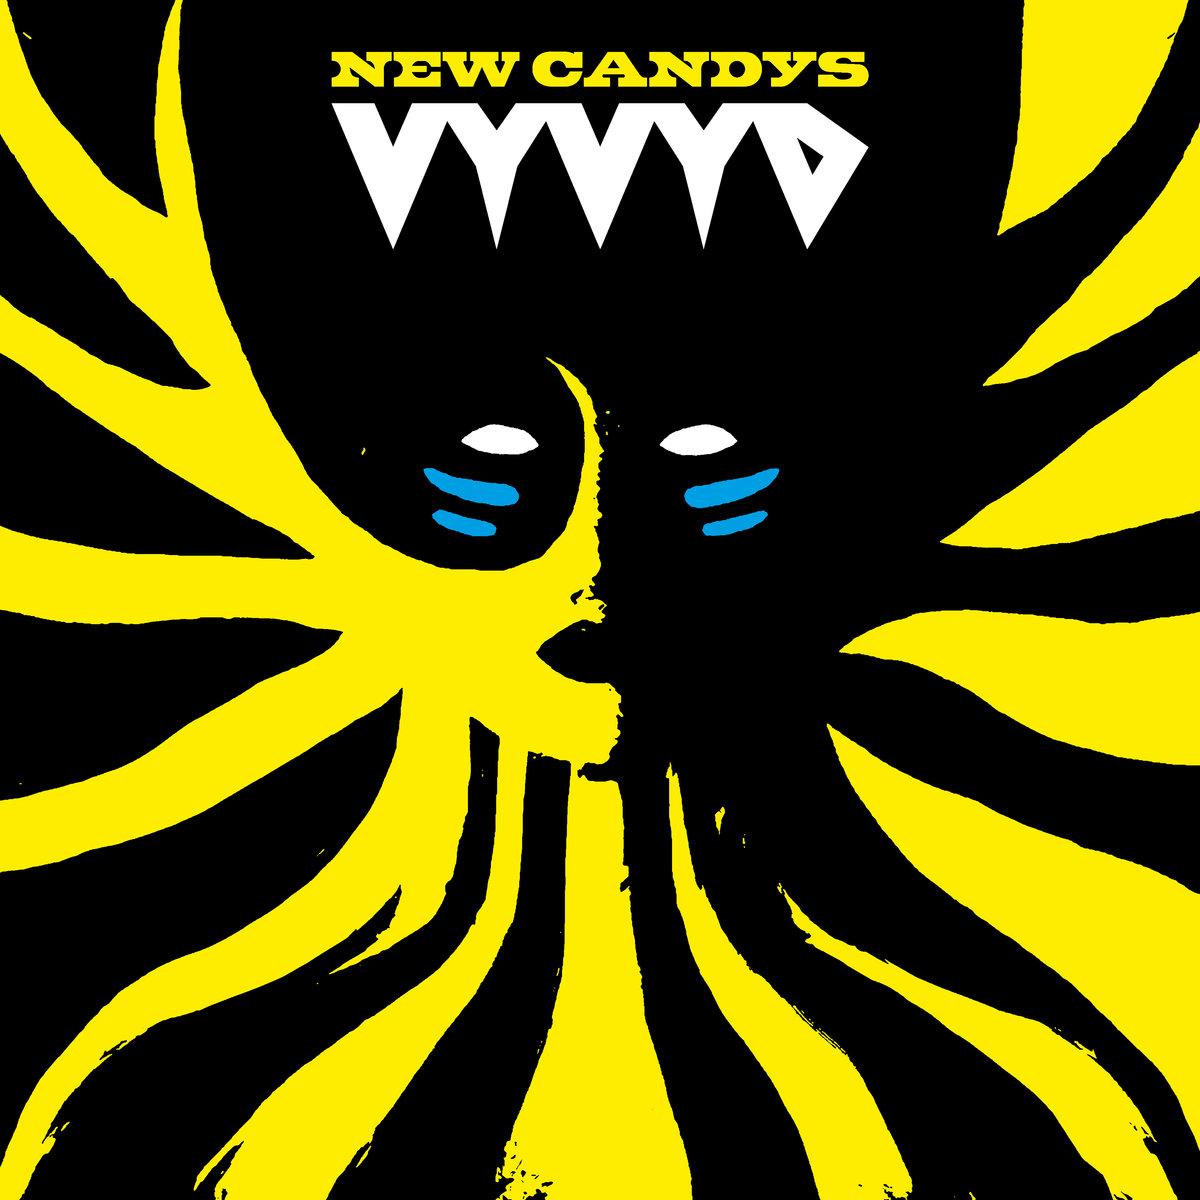 New Candys - Vyvyd